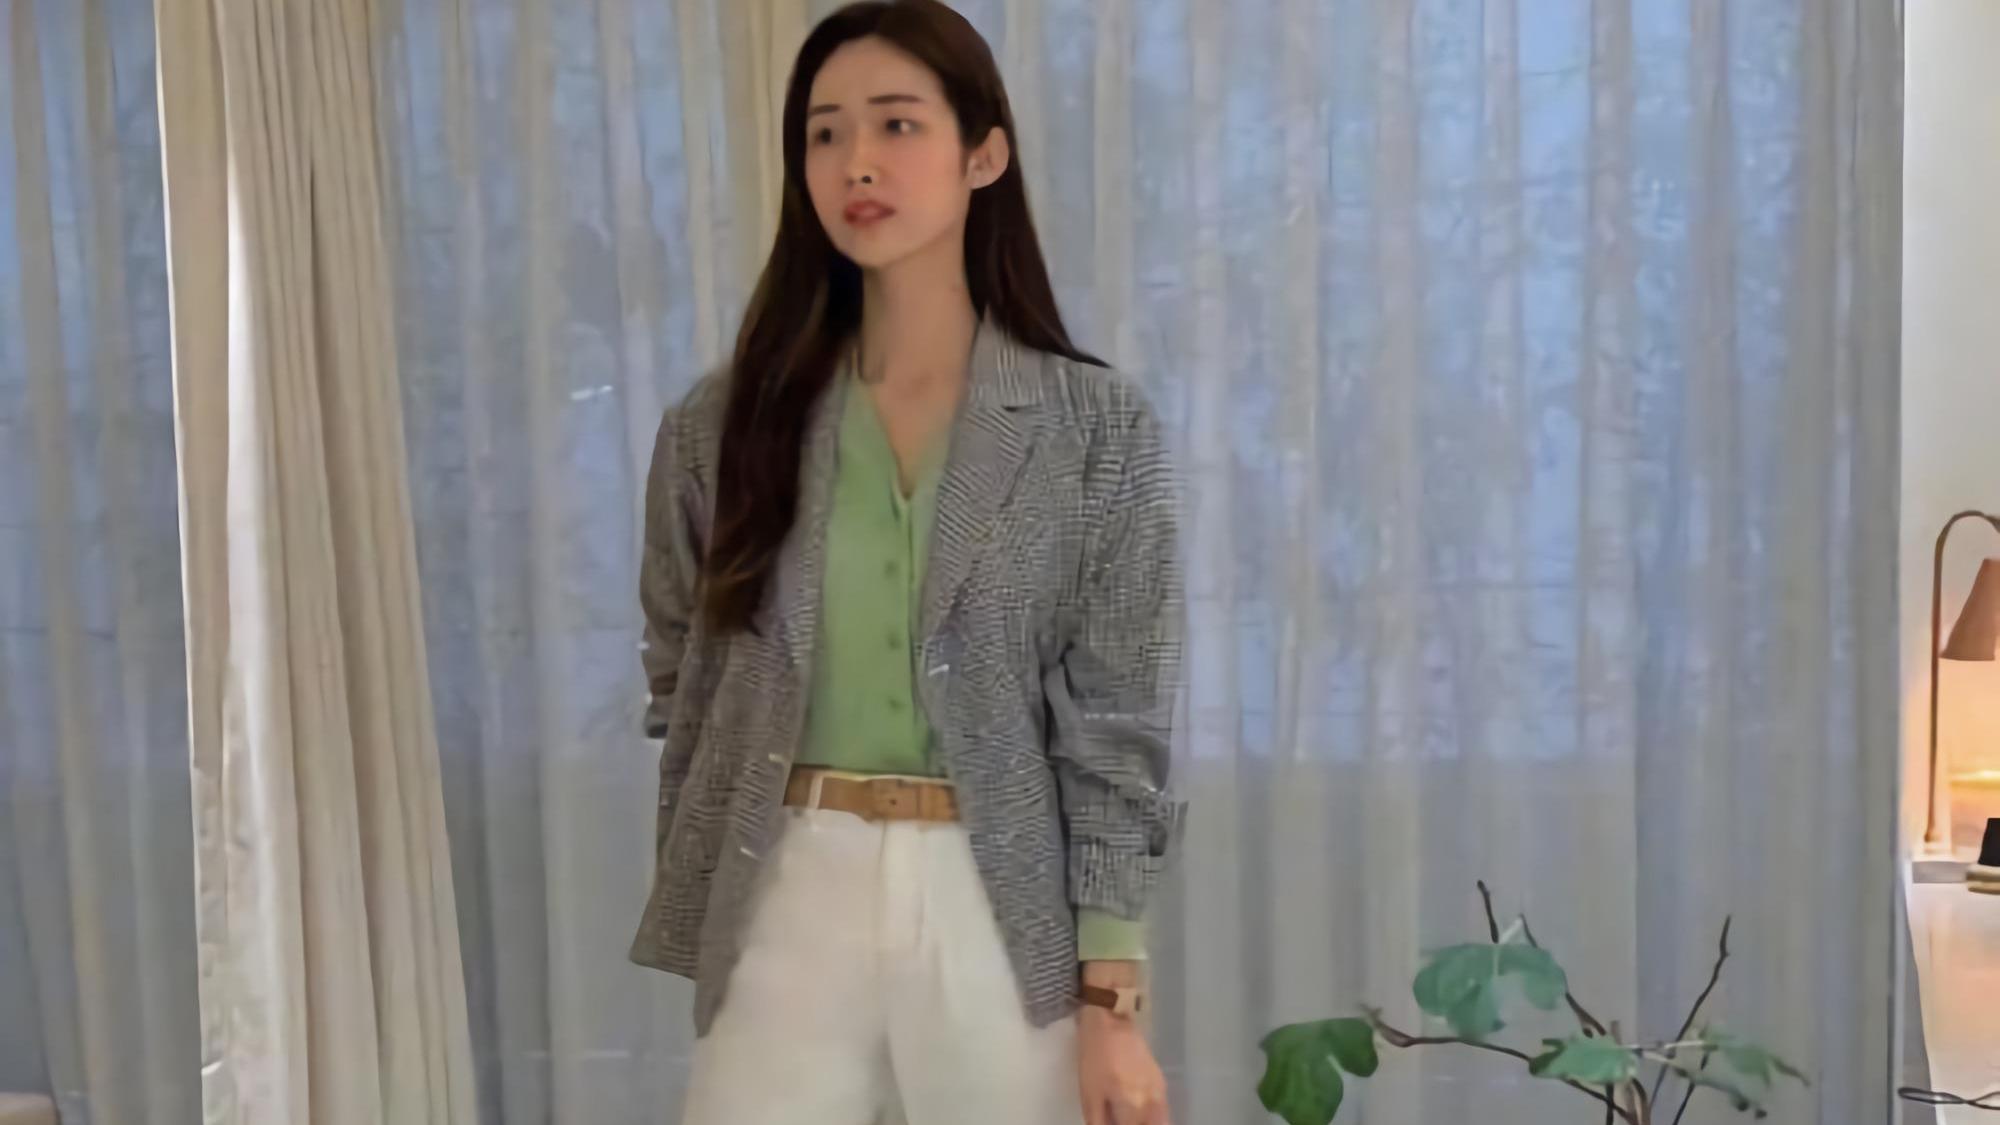 30岁女人春季服装搭配如何选择?不同风格展现不同魅力,你喜欢吗